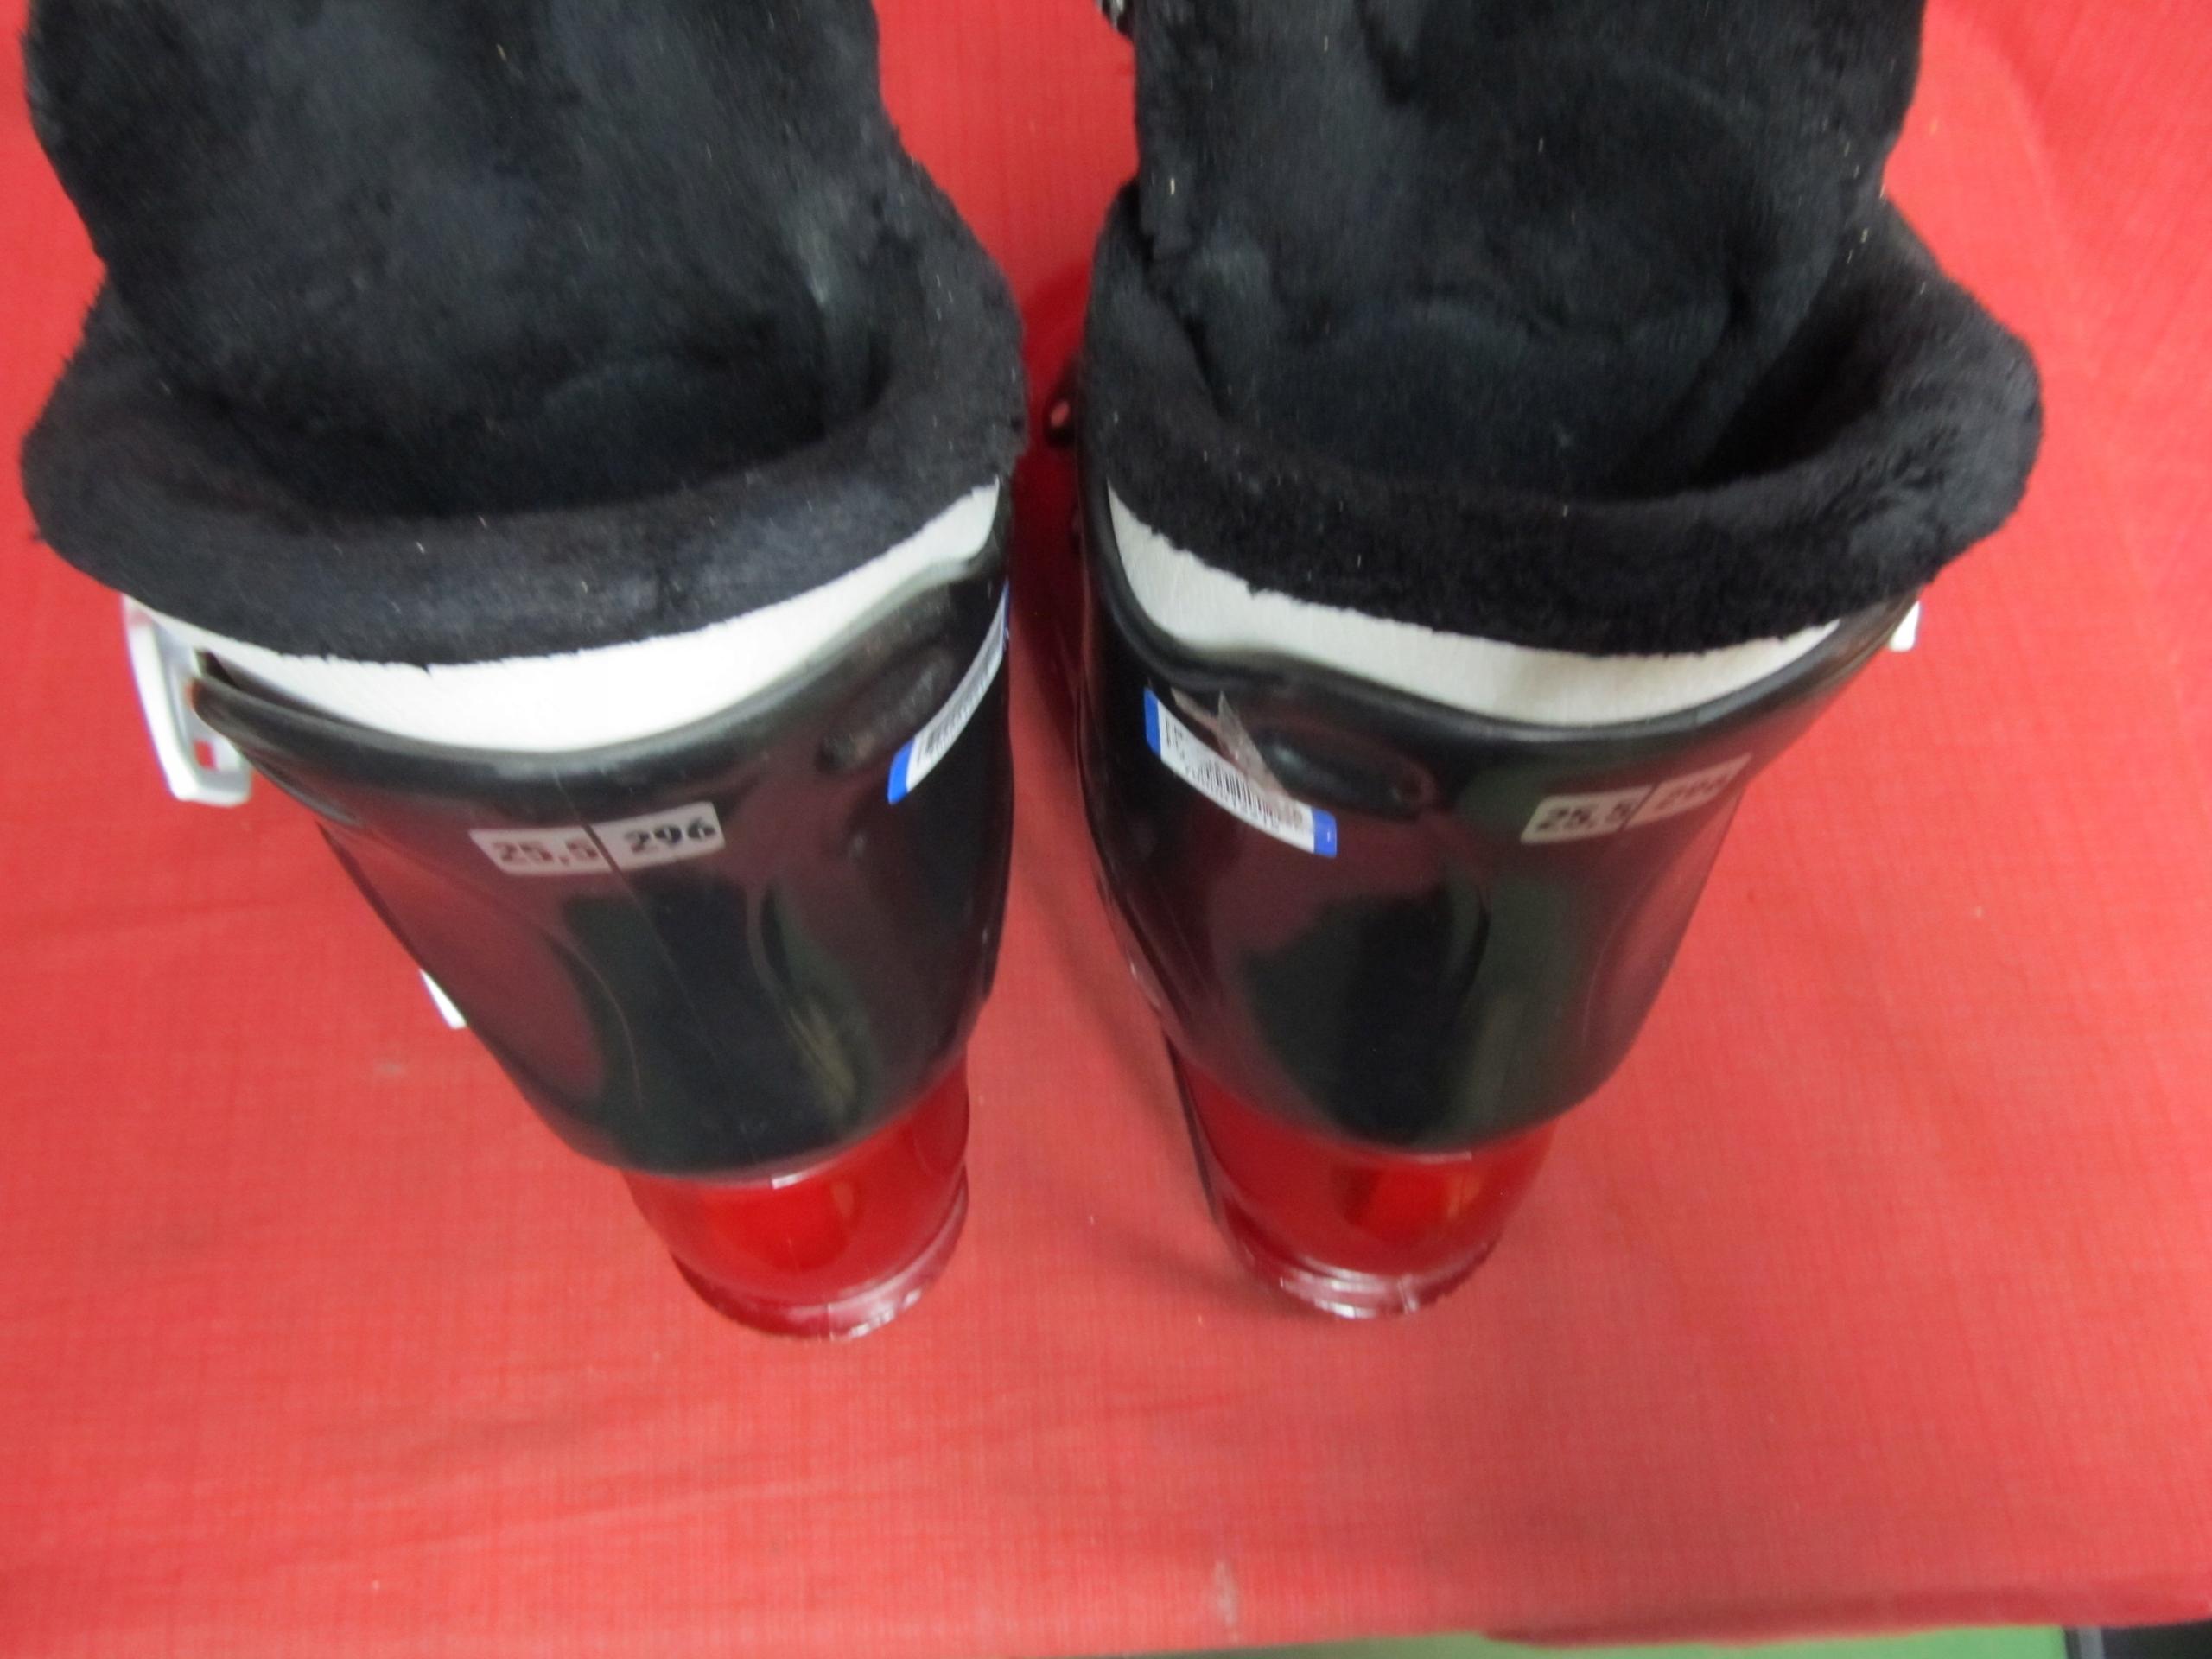 Salomon T3 buty narciarskie nr 39 wkł 25,5 cm 7708441224